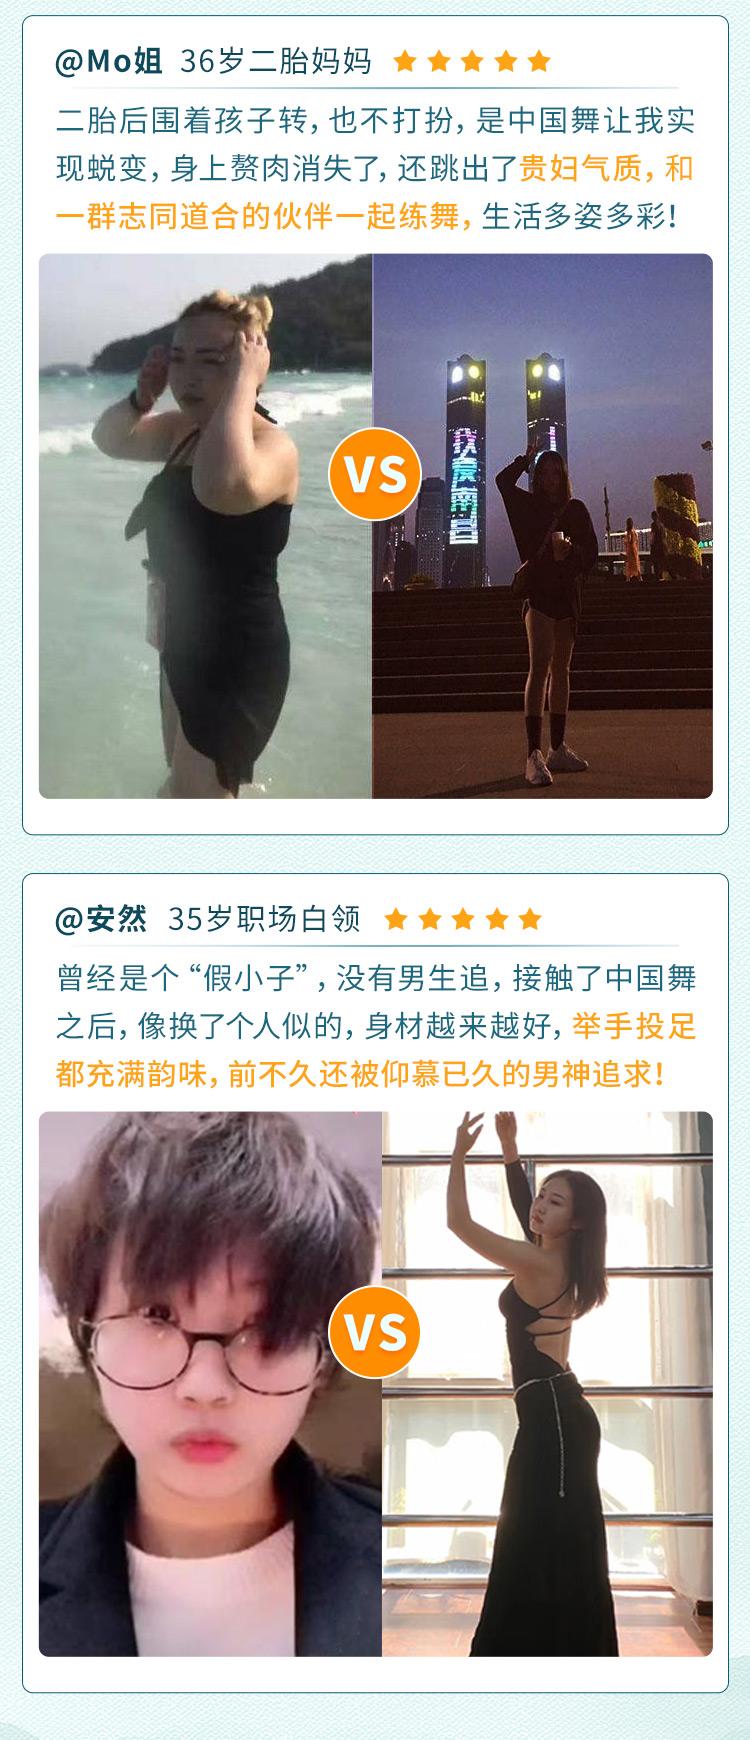 刘婷-美人古典舞-长图2_07(1).jpg